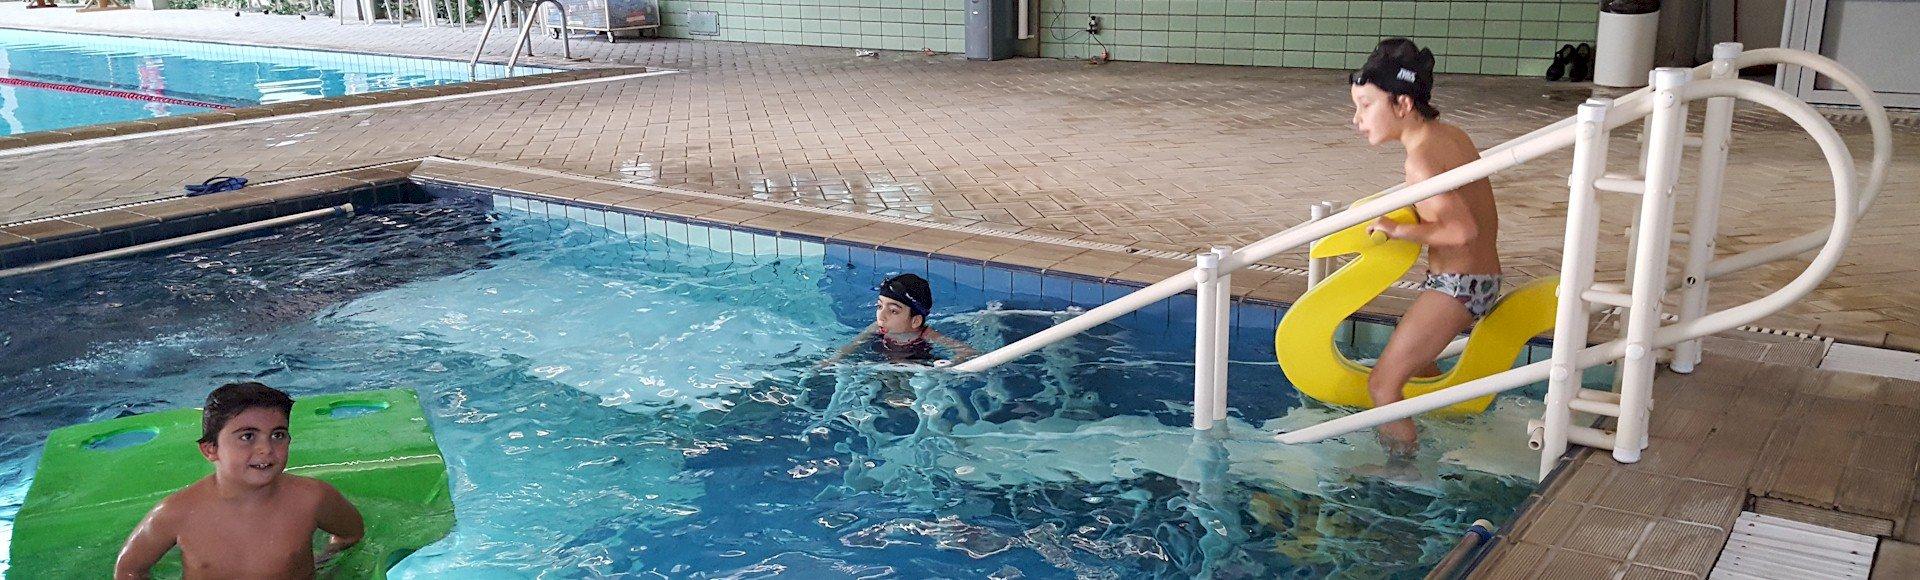 plataforma e escada de piscina - equipamentos para acessibilidade da Actual